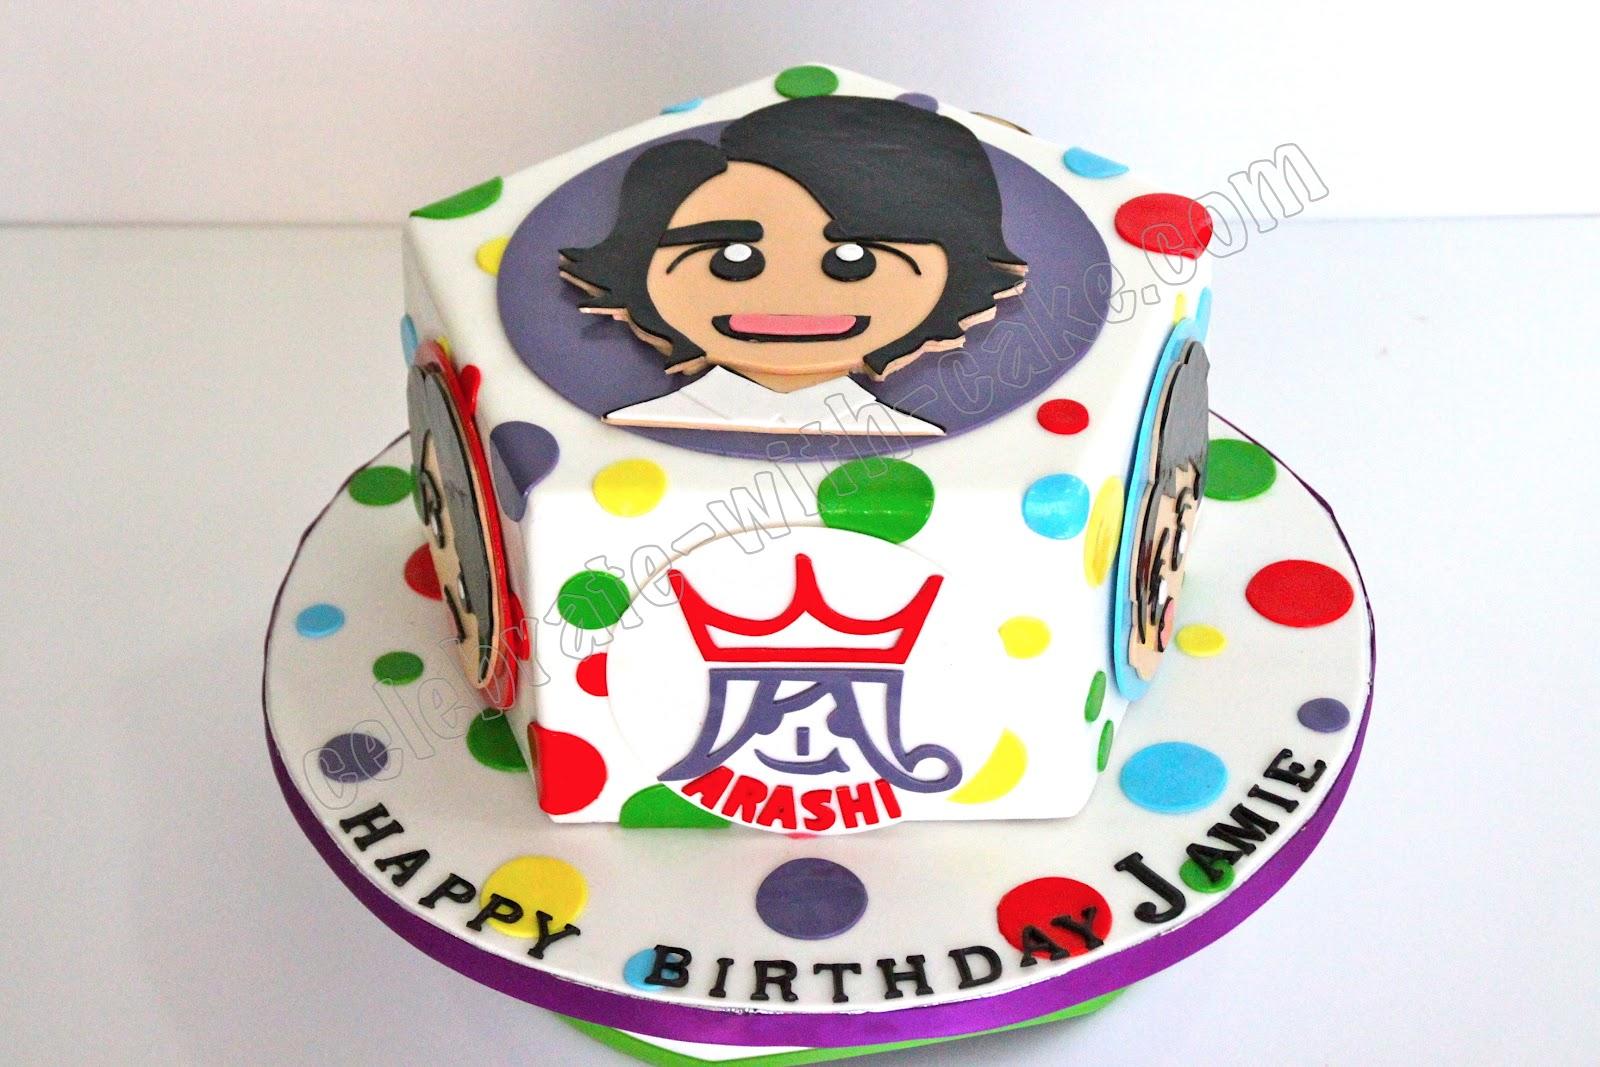 Celebrate with Cake Arashi Band Cake